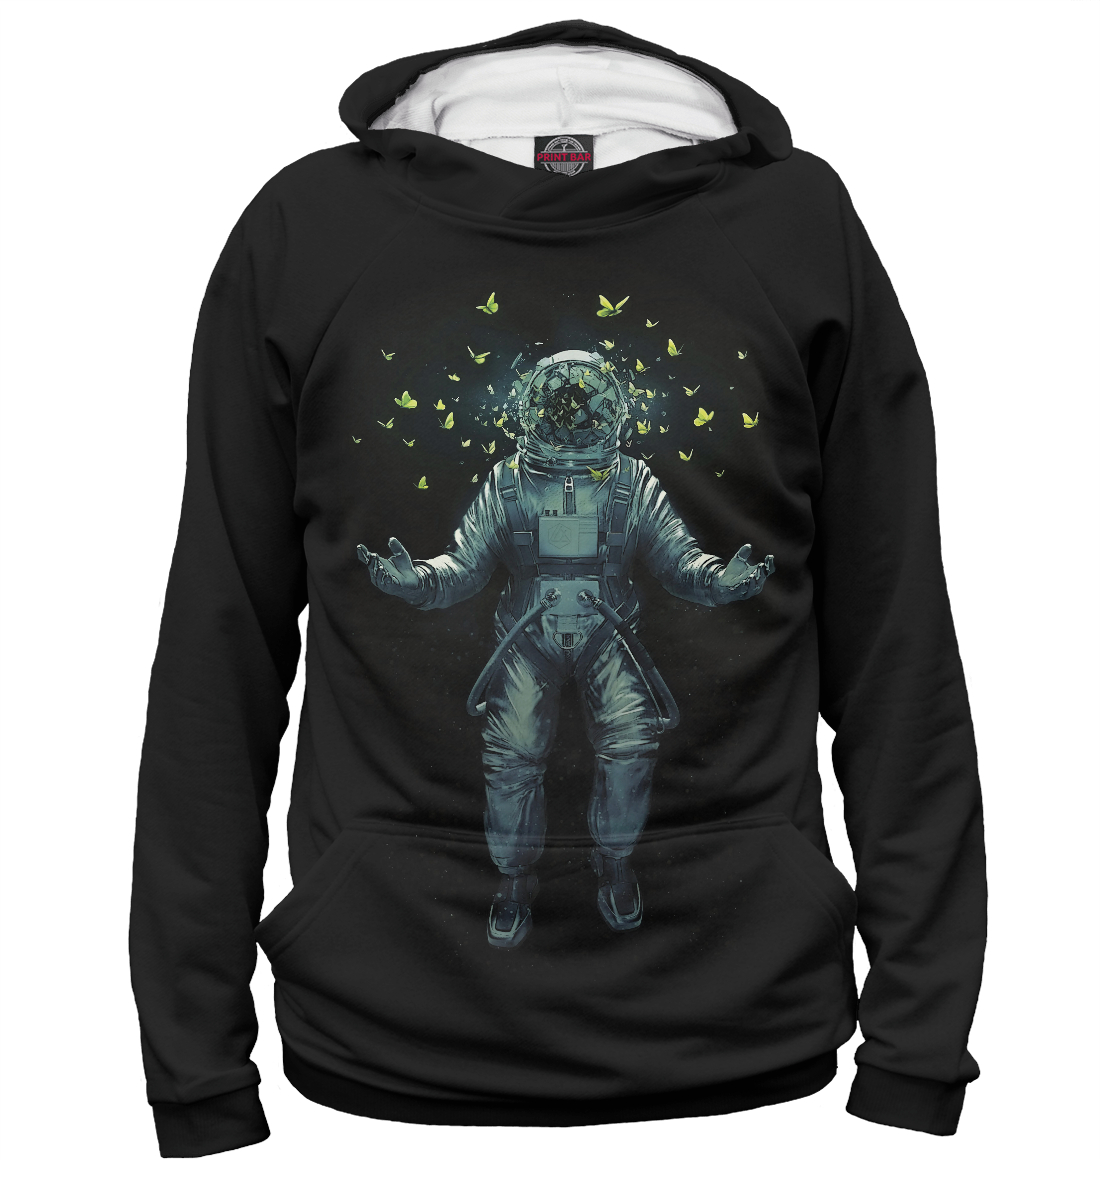 Купить Космонавт с бабочками, Printbar, Худи, APD-675811-hud-1